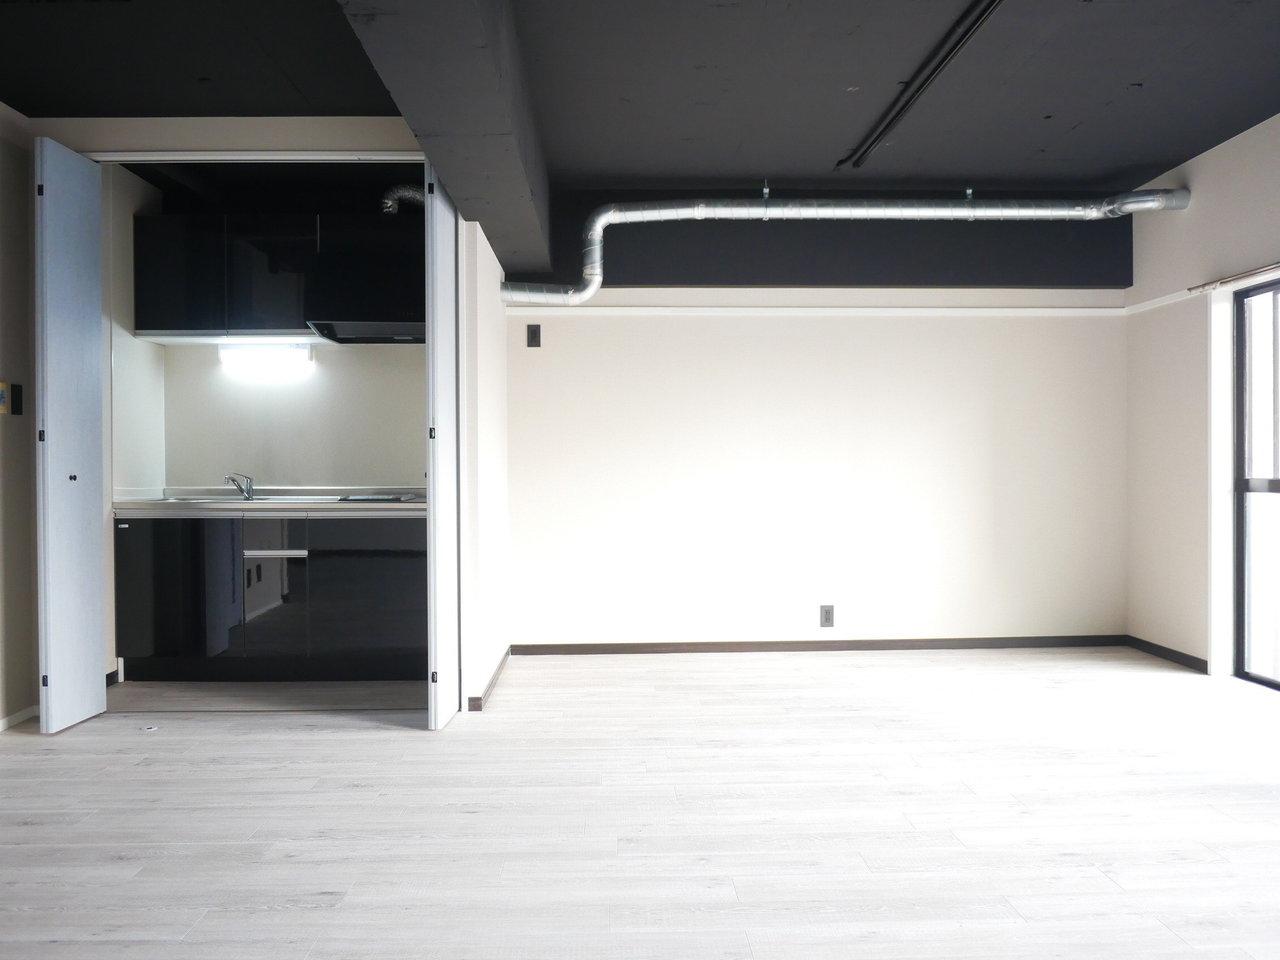 収納扉のような場所を開けると、なんとキッチンが!生活感を出したくない、おしゃれな空間にしたいときにぴったりな造りですね。ほかの水回りも交換されていてとても綺麗。